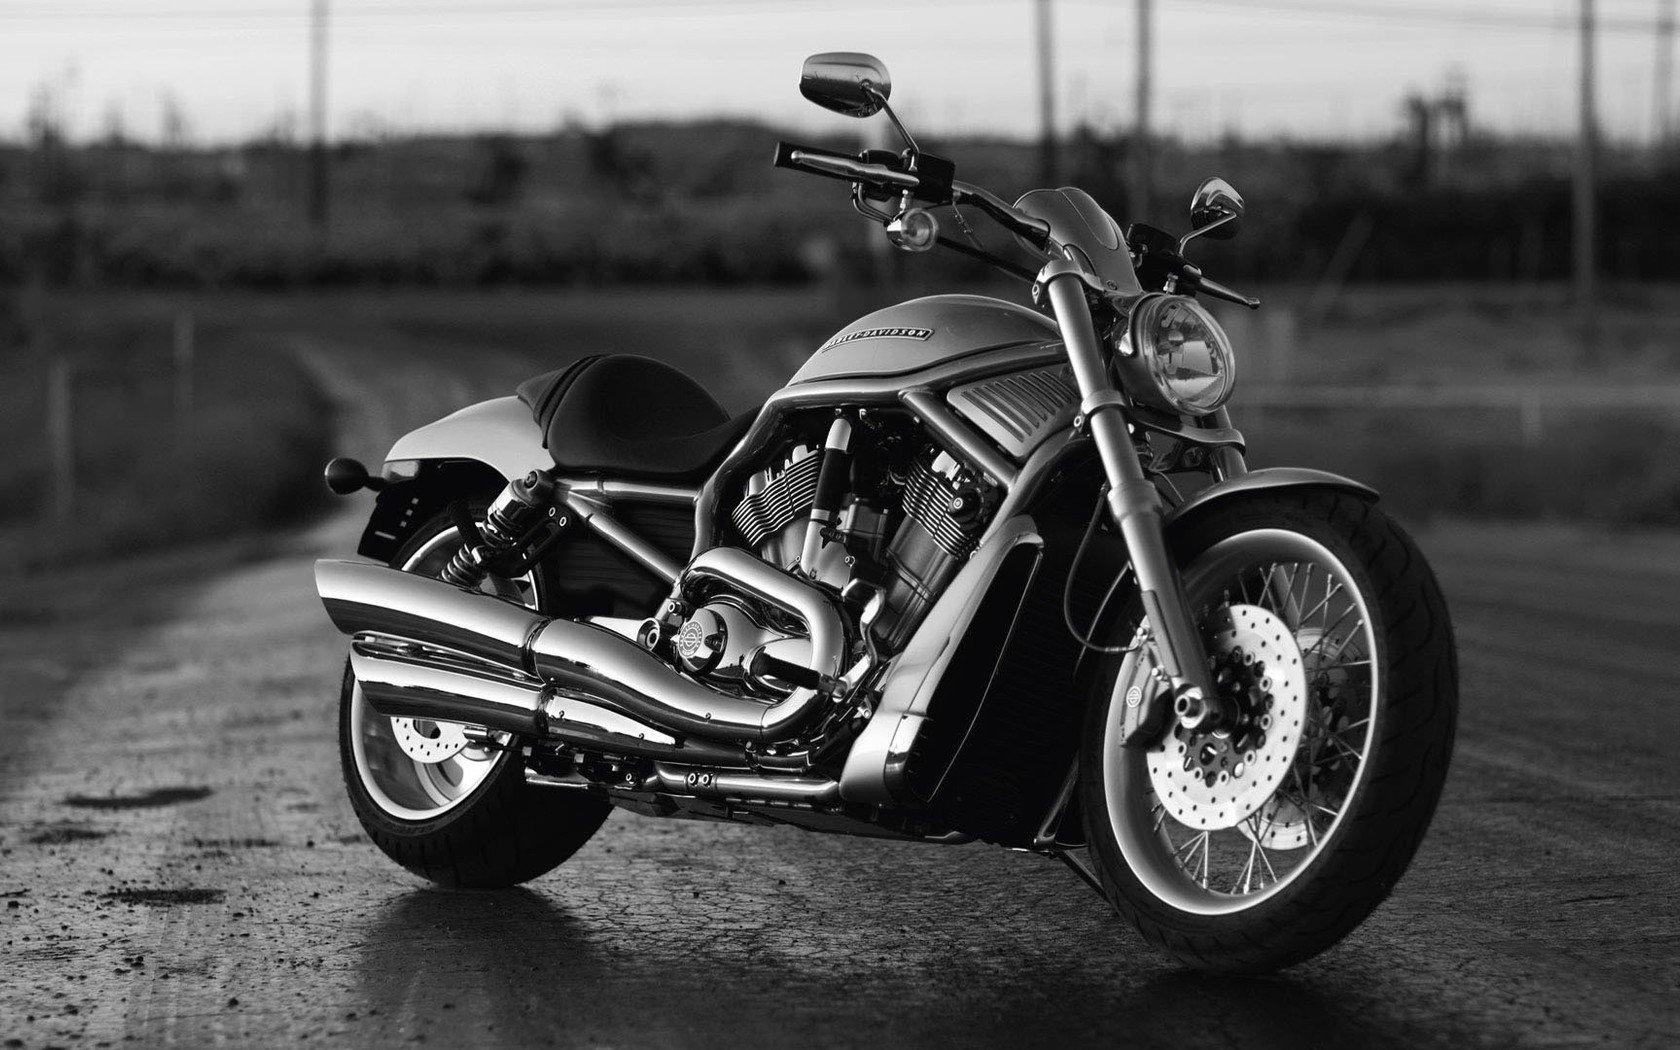 Harley Davidson V Rod Bakgrund And Bakgrund 1680x1050 Id